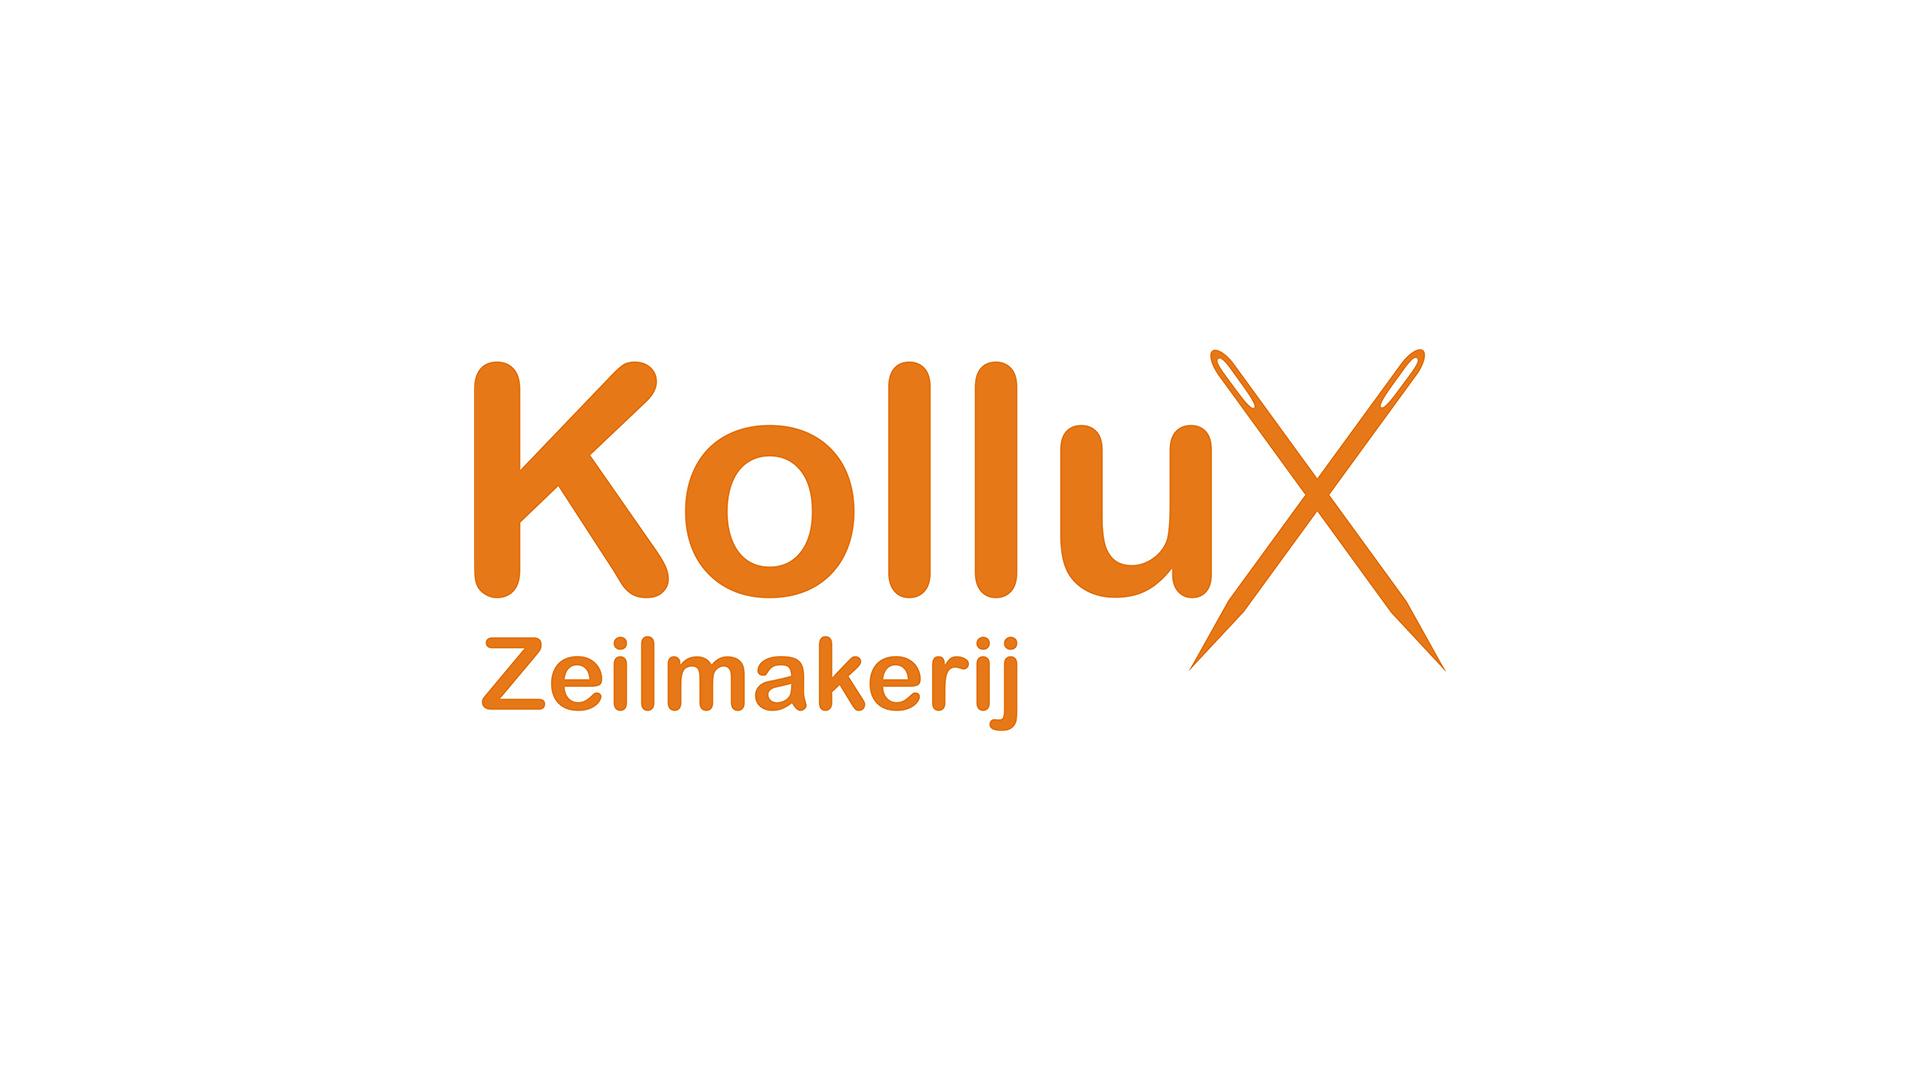 kollux-nieuw-2-1